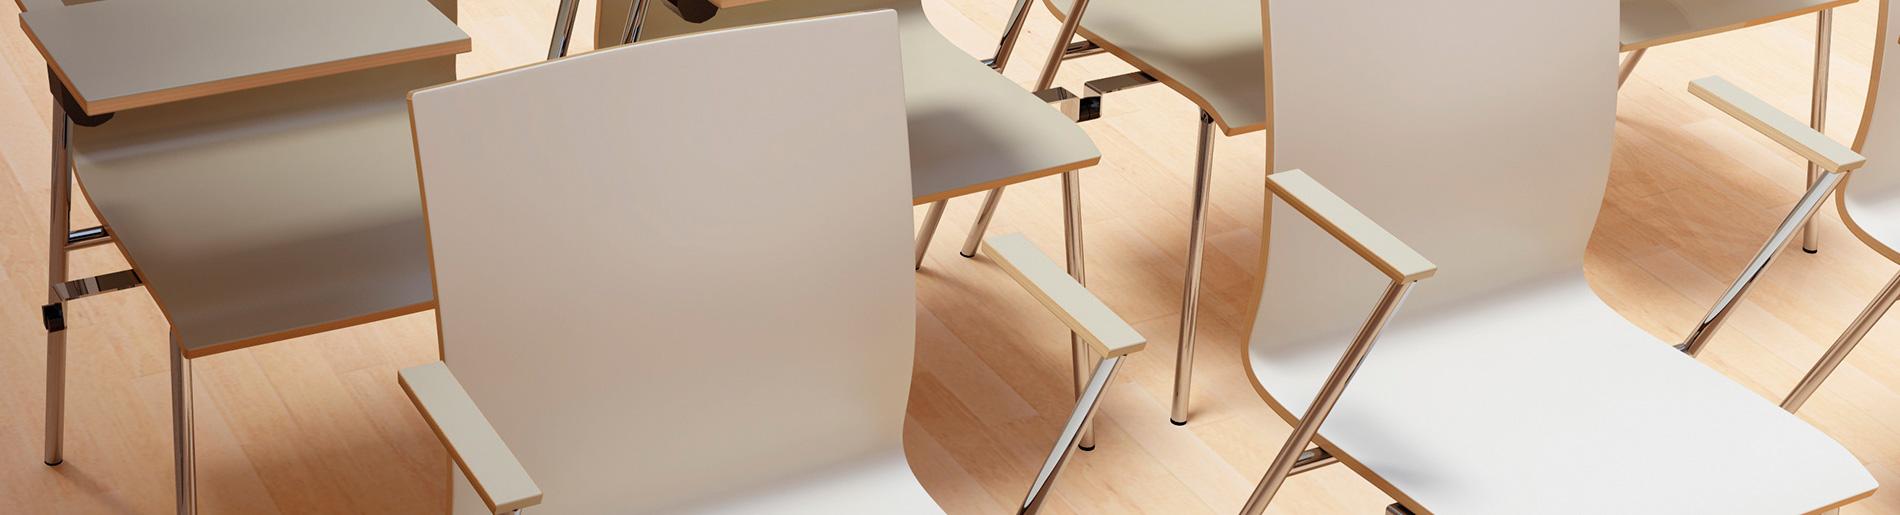 Full Size of Büroküche Teeküche Büro Küche Ohne Kühlschrank Büro Küche Auf Rollen Büroküchenschrank Küche Büroküche